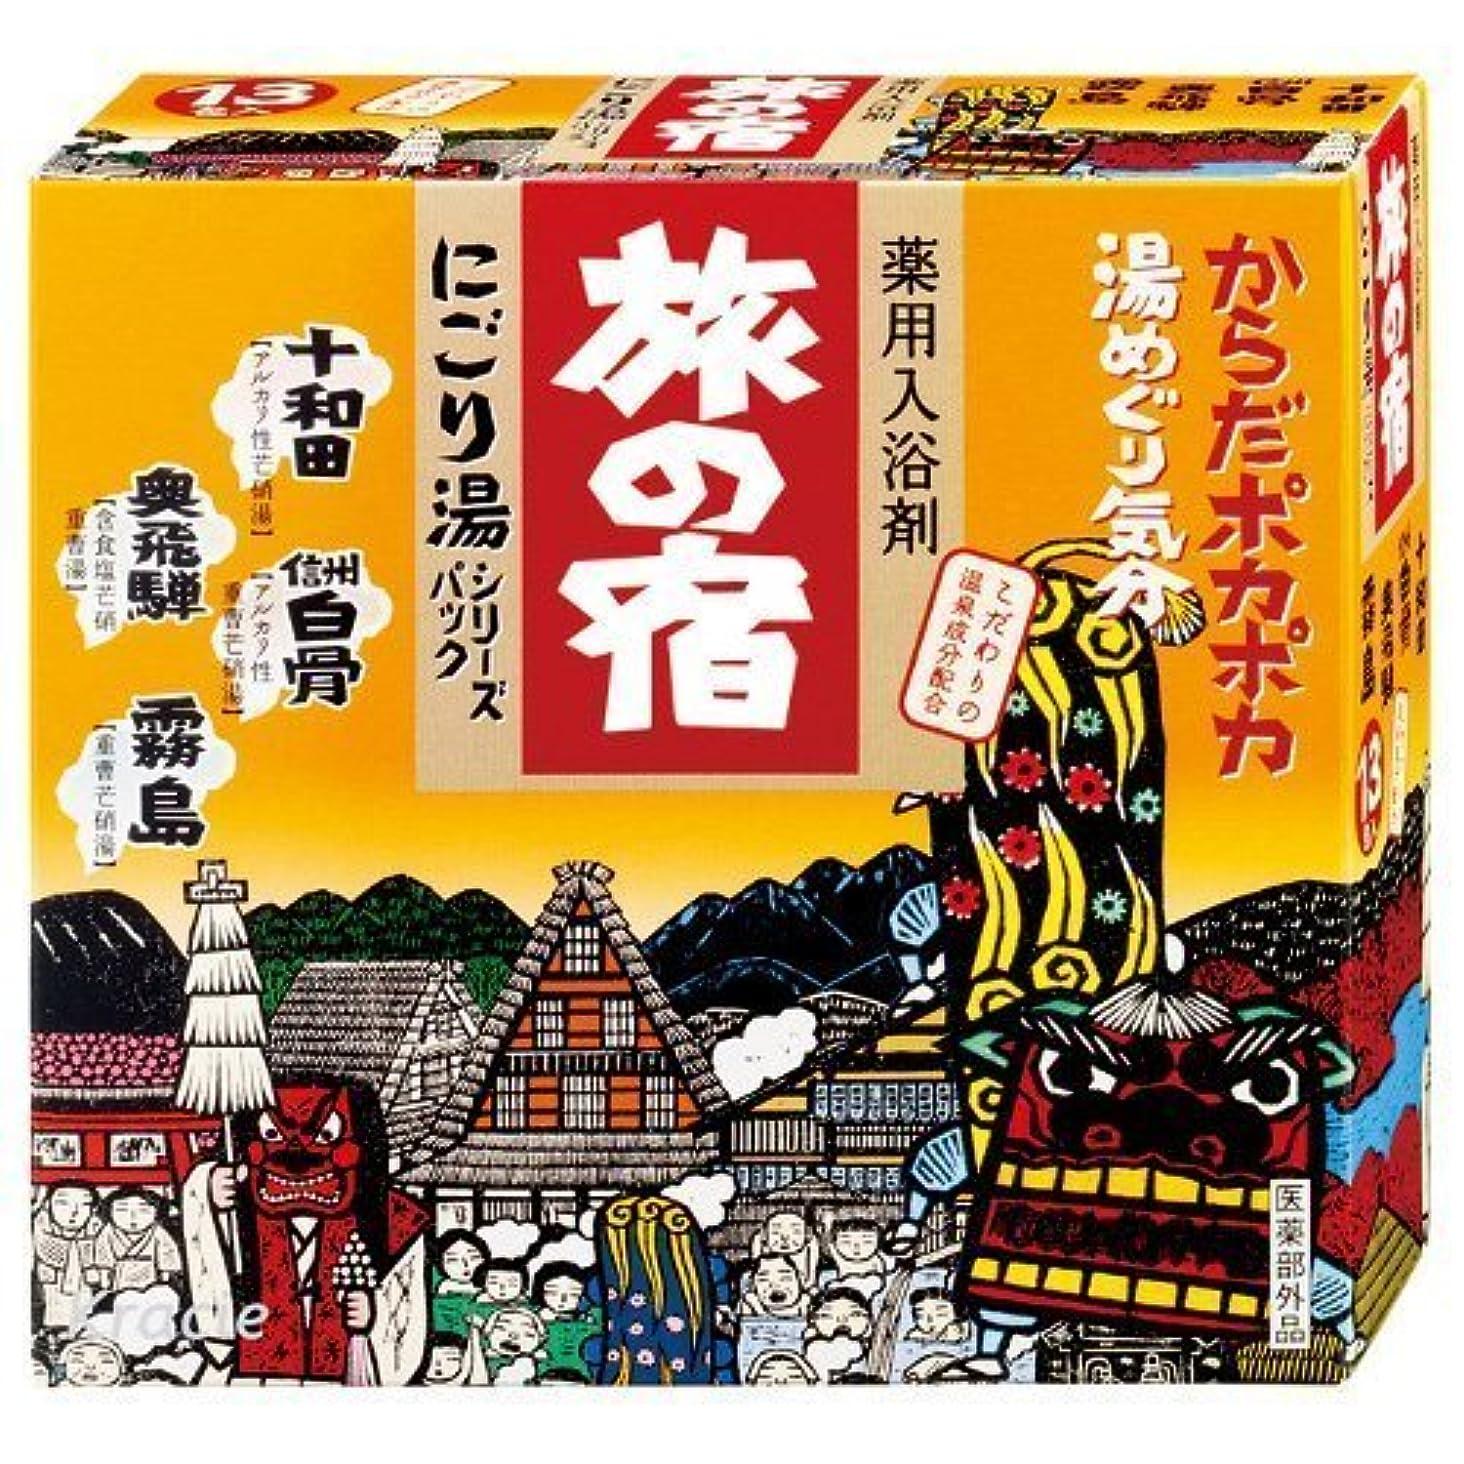 下手モートクマノミ【クラシエ】旅の宿 にごり湯シリーズパック 13H ×10個セット